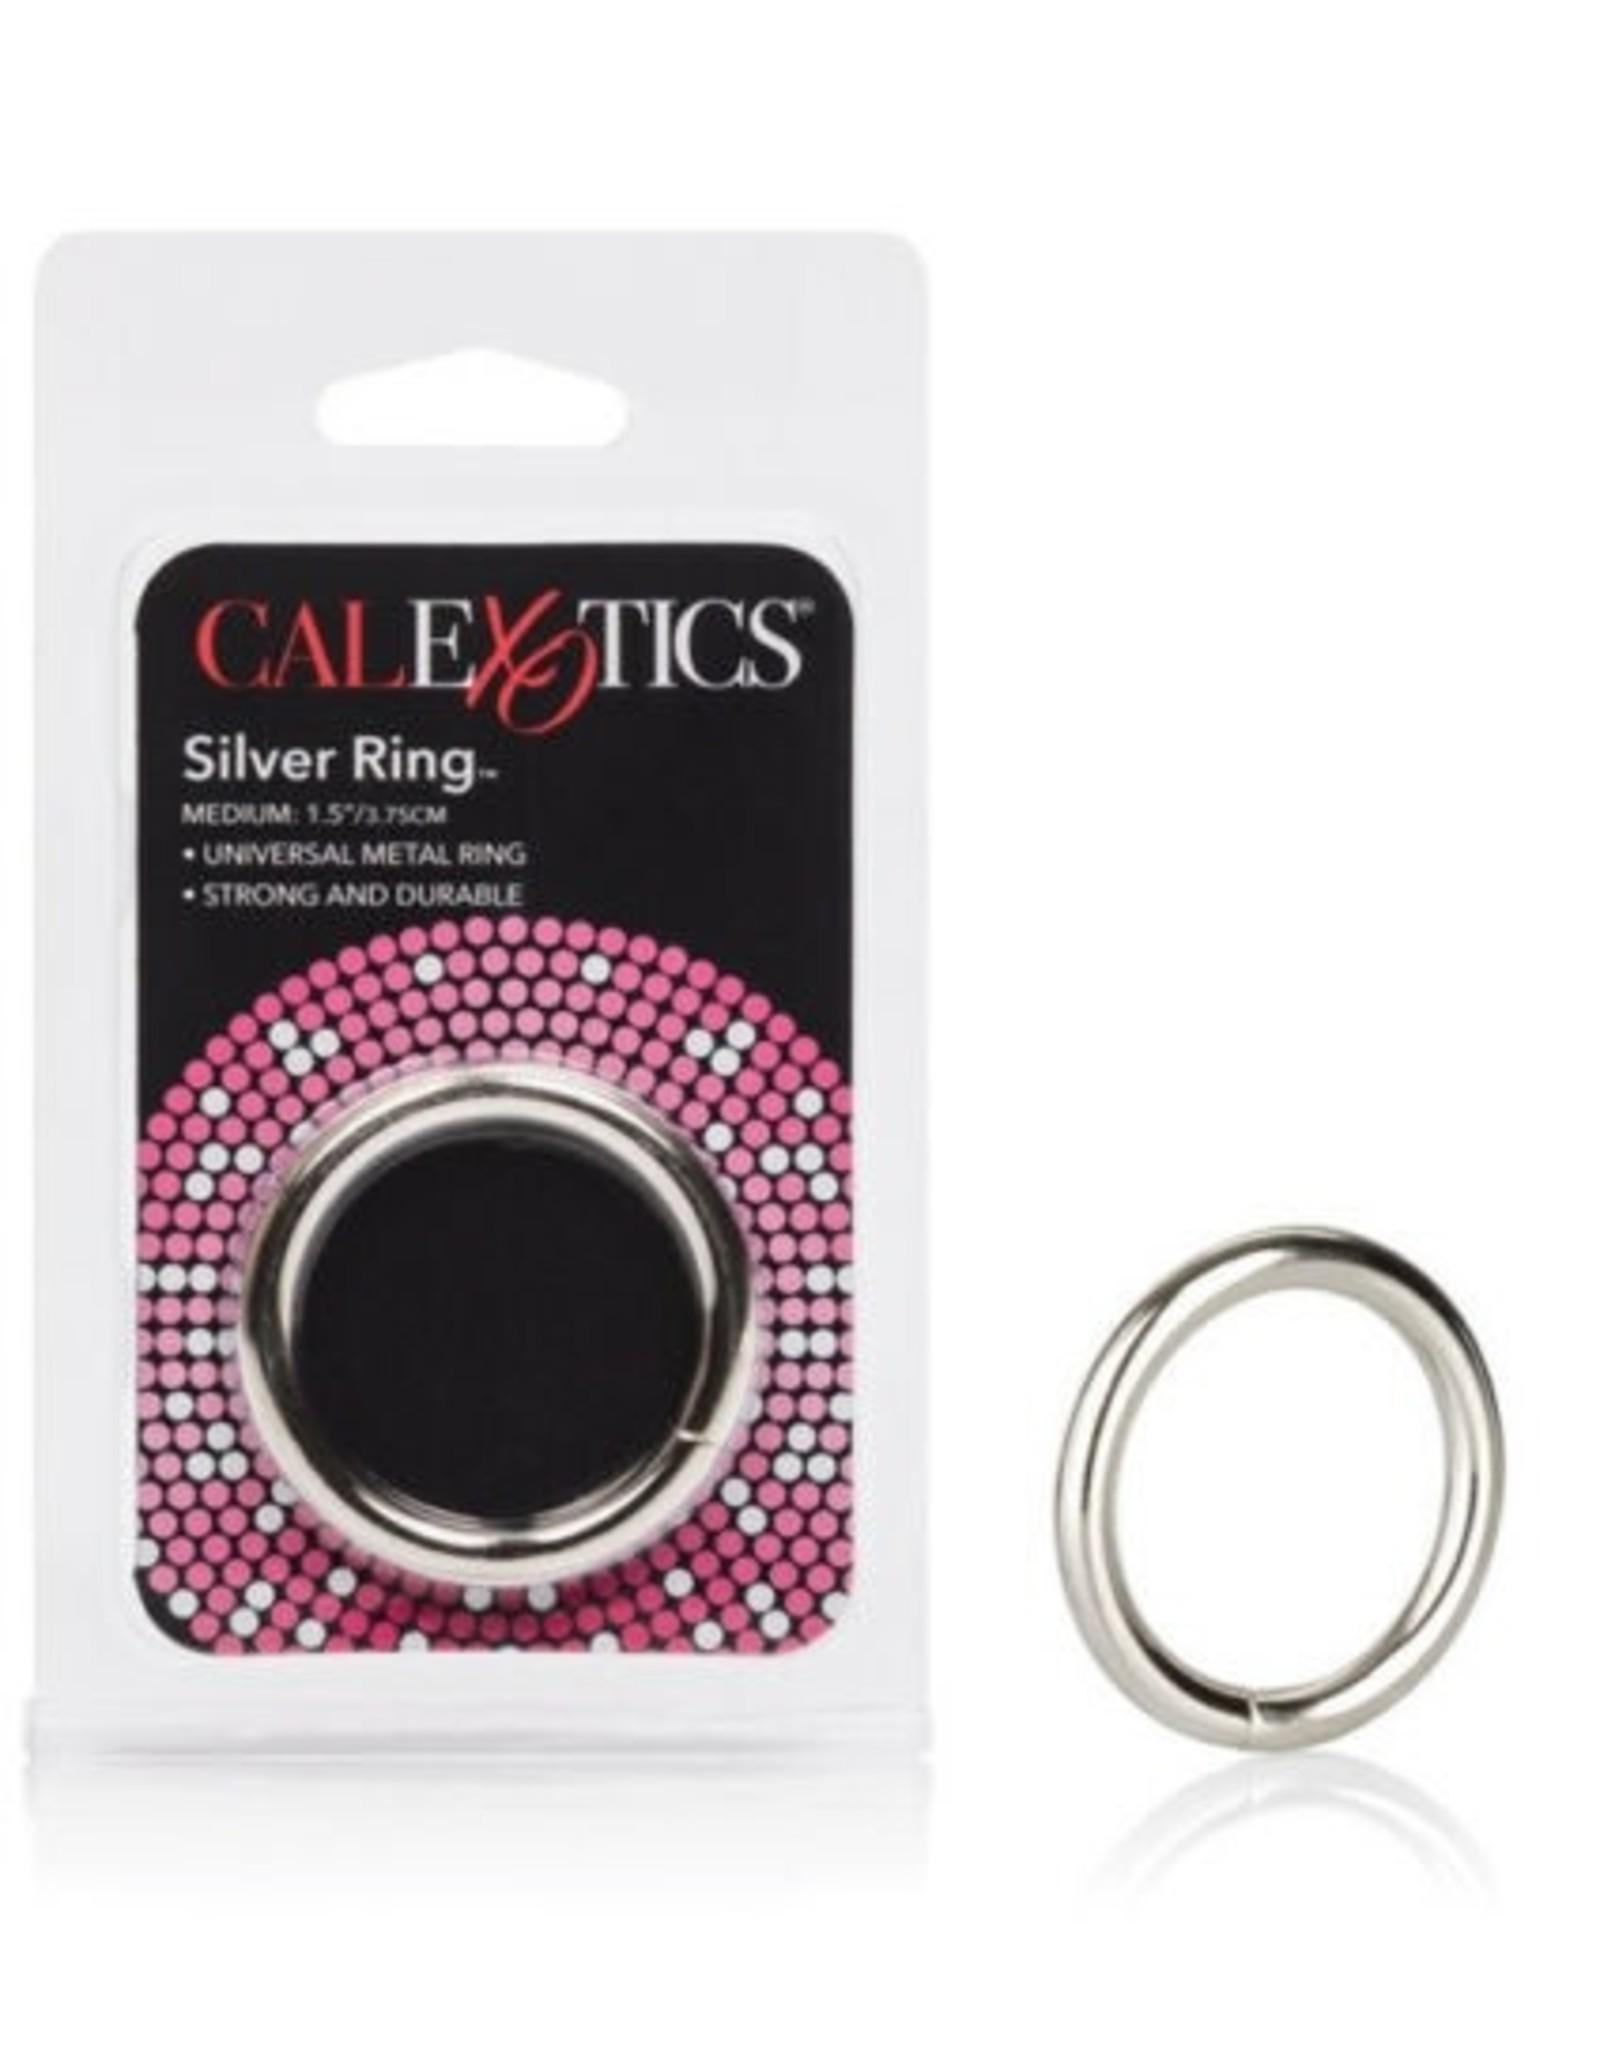 CALEXOTICS CALEXOTICS - SILVER RING - MEDIUM